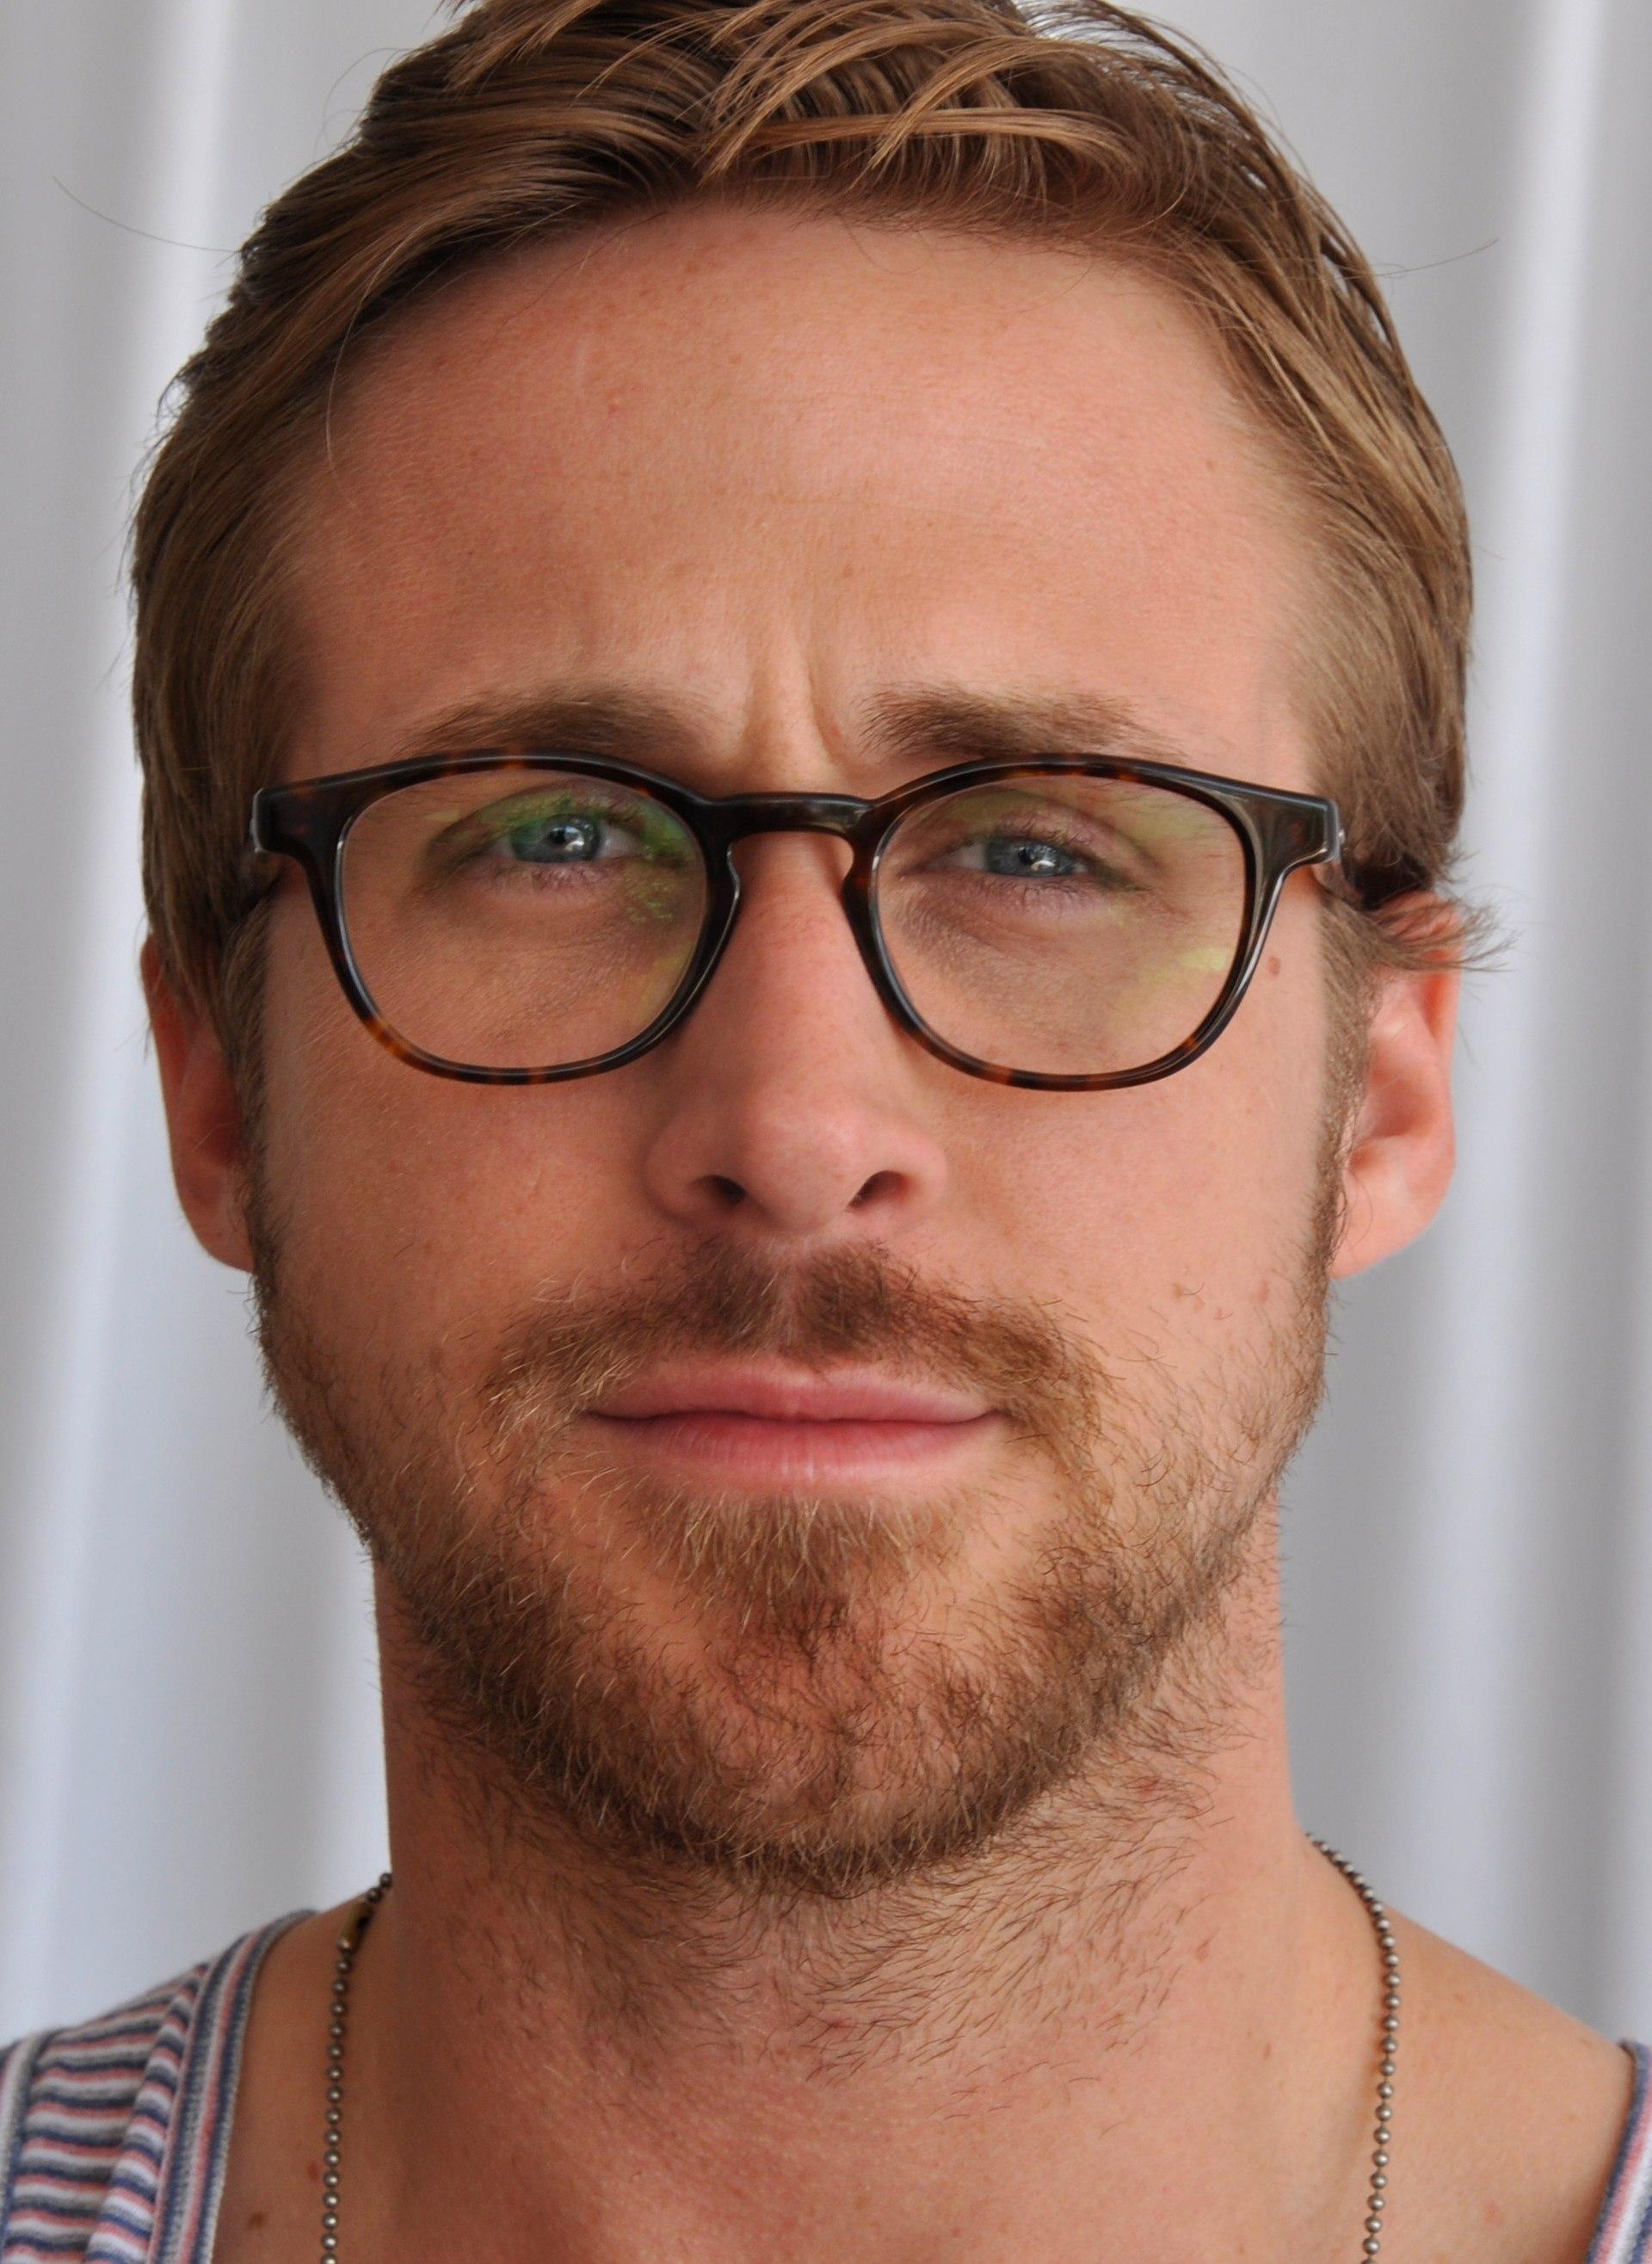 Ryan Gosling - Wikiped... Ryan Gosling